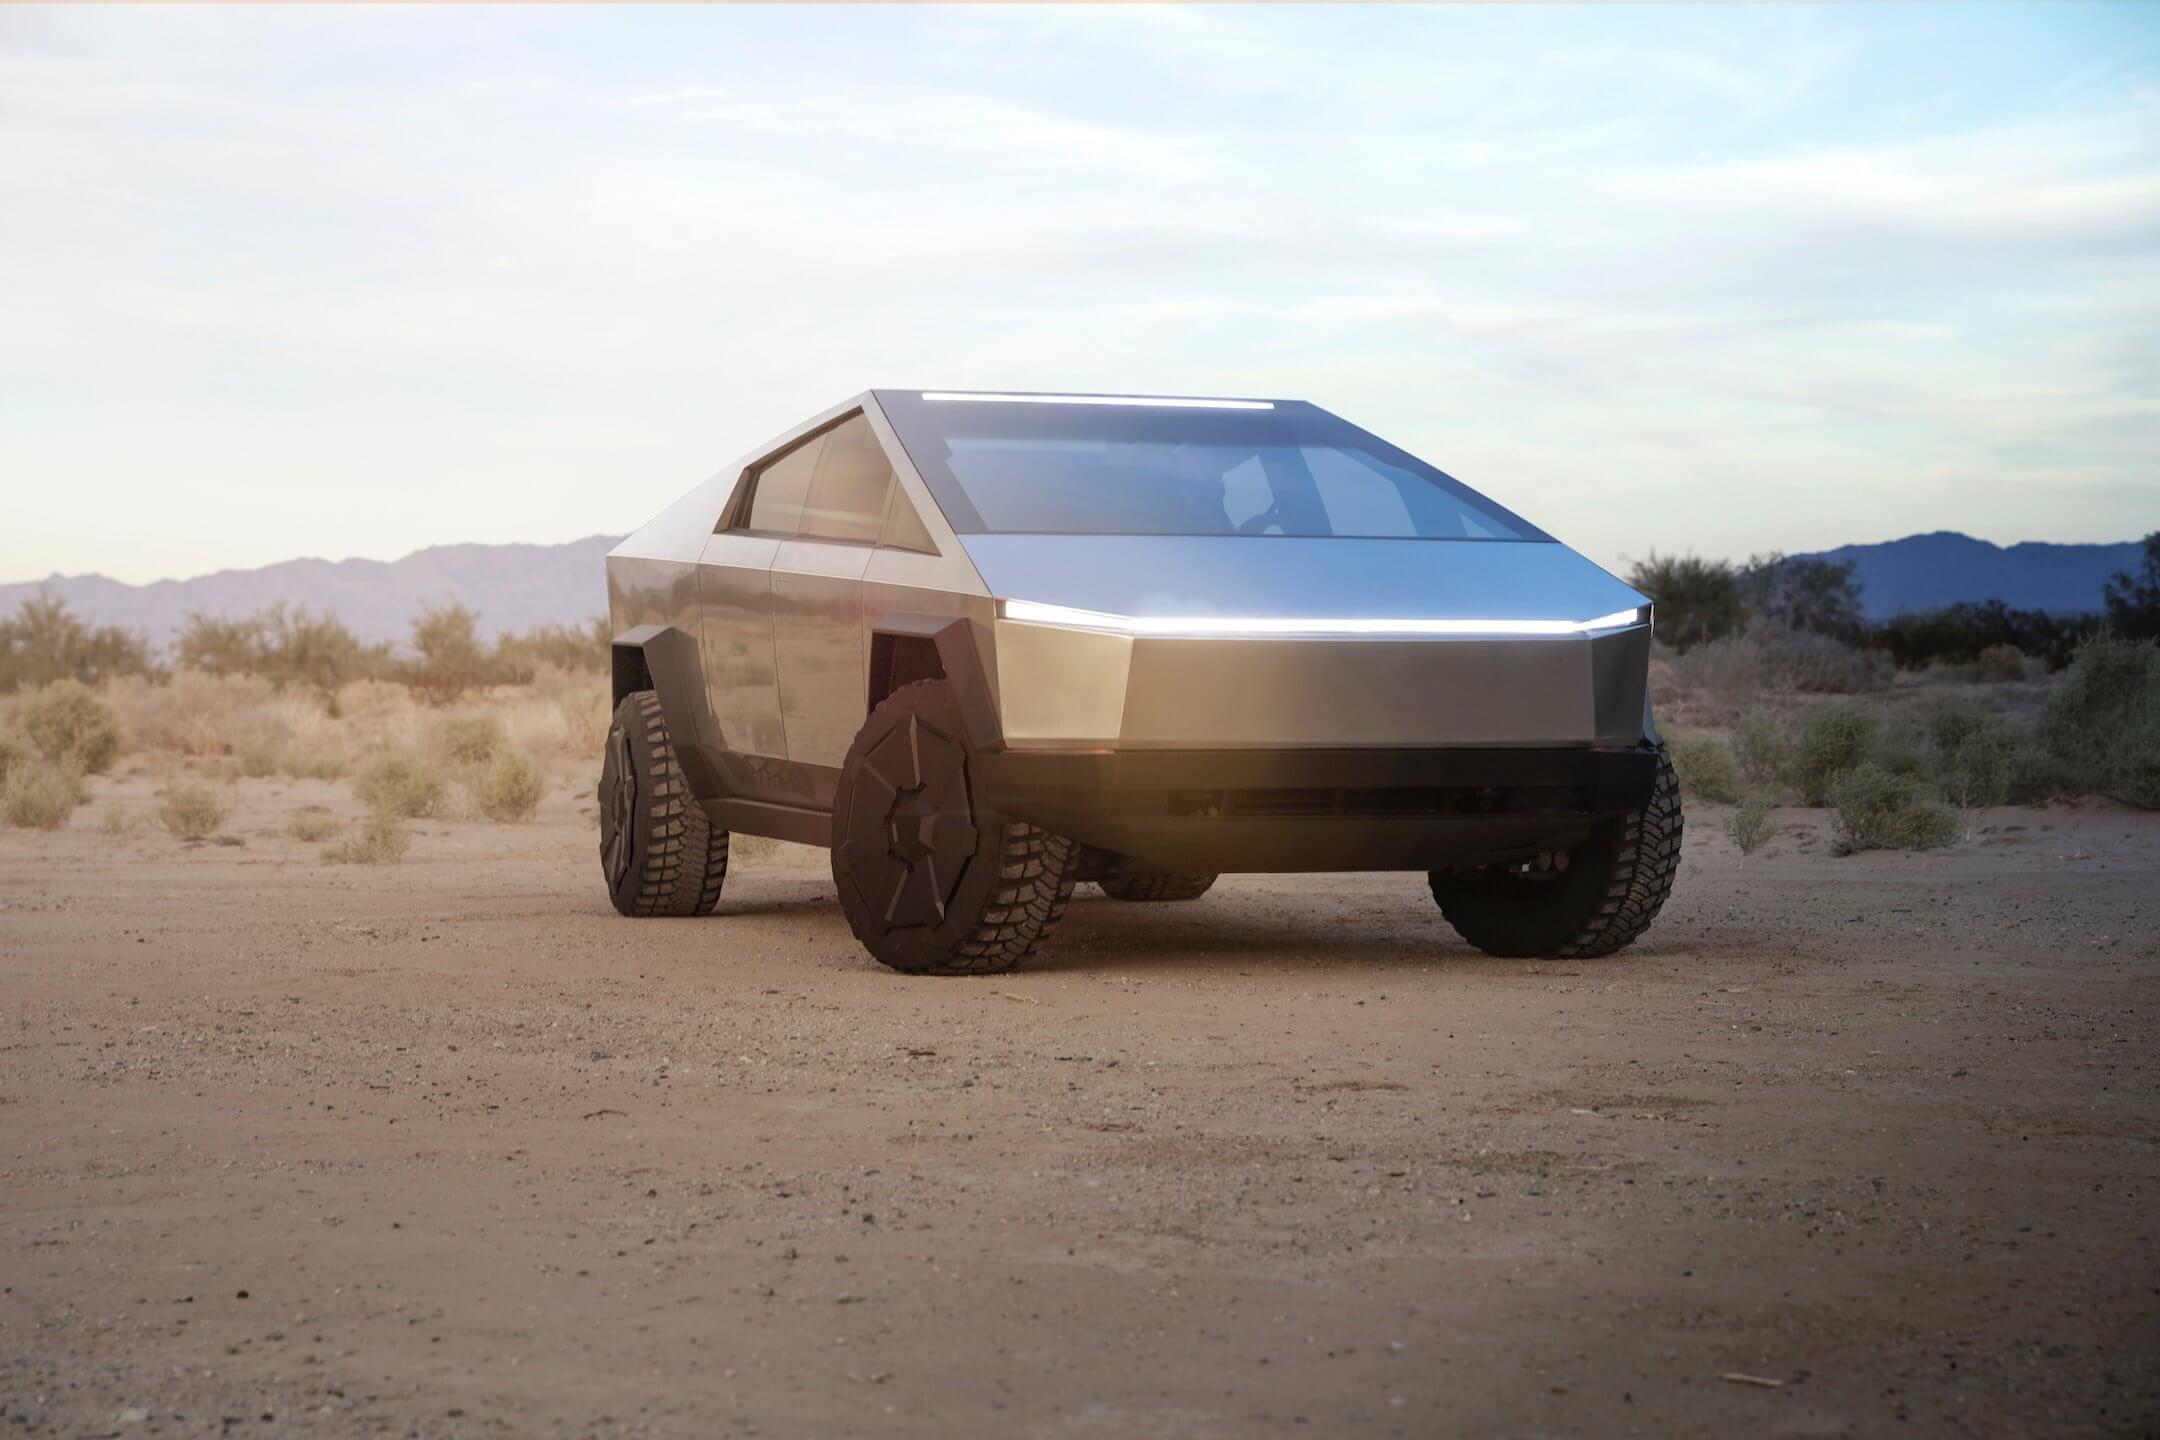 Маск сказал, что окончательный дизайн Cybertruck `` выглядит хорошо '' - Tesla Motors Club